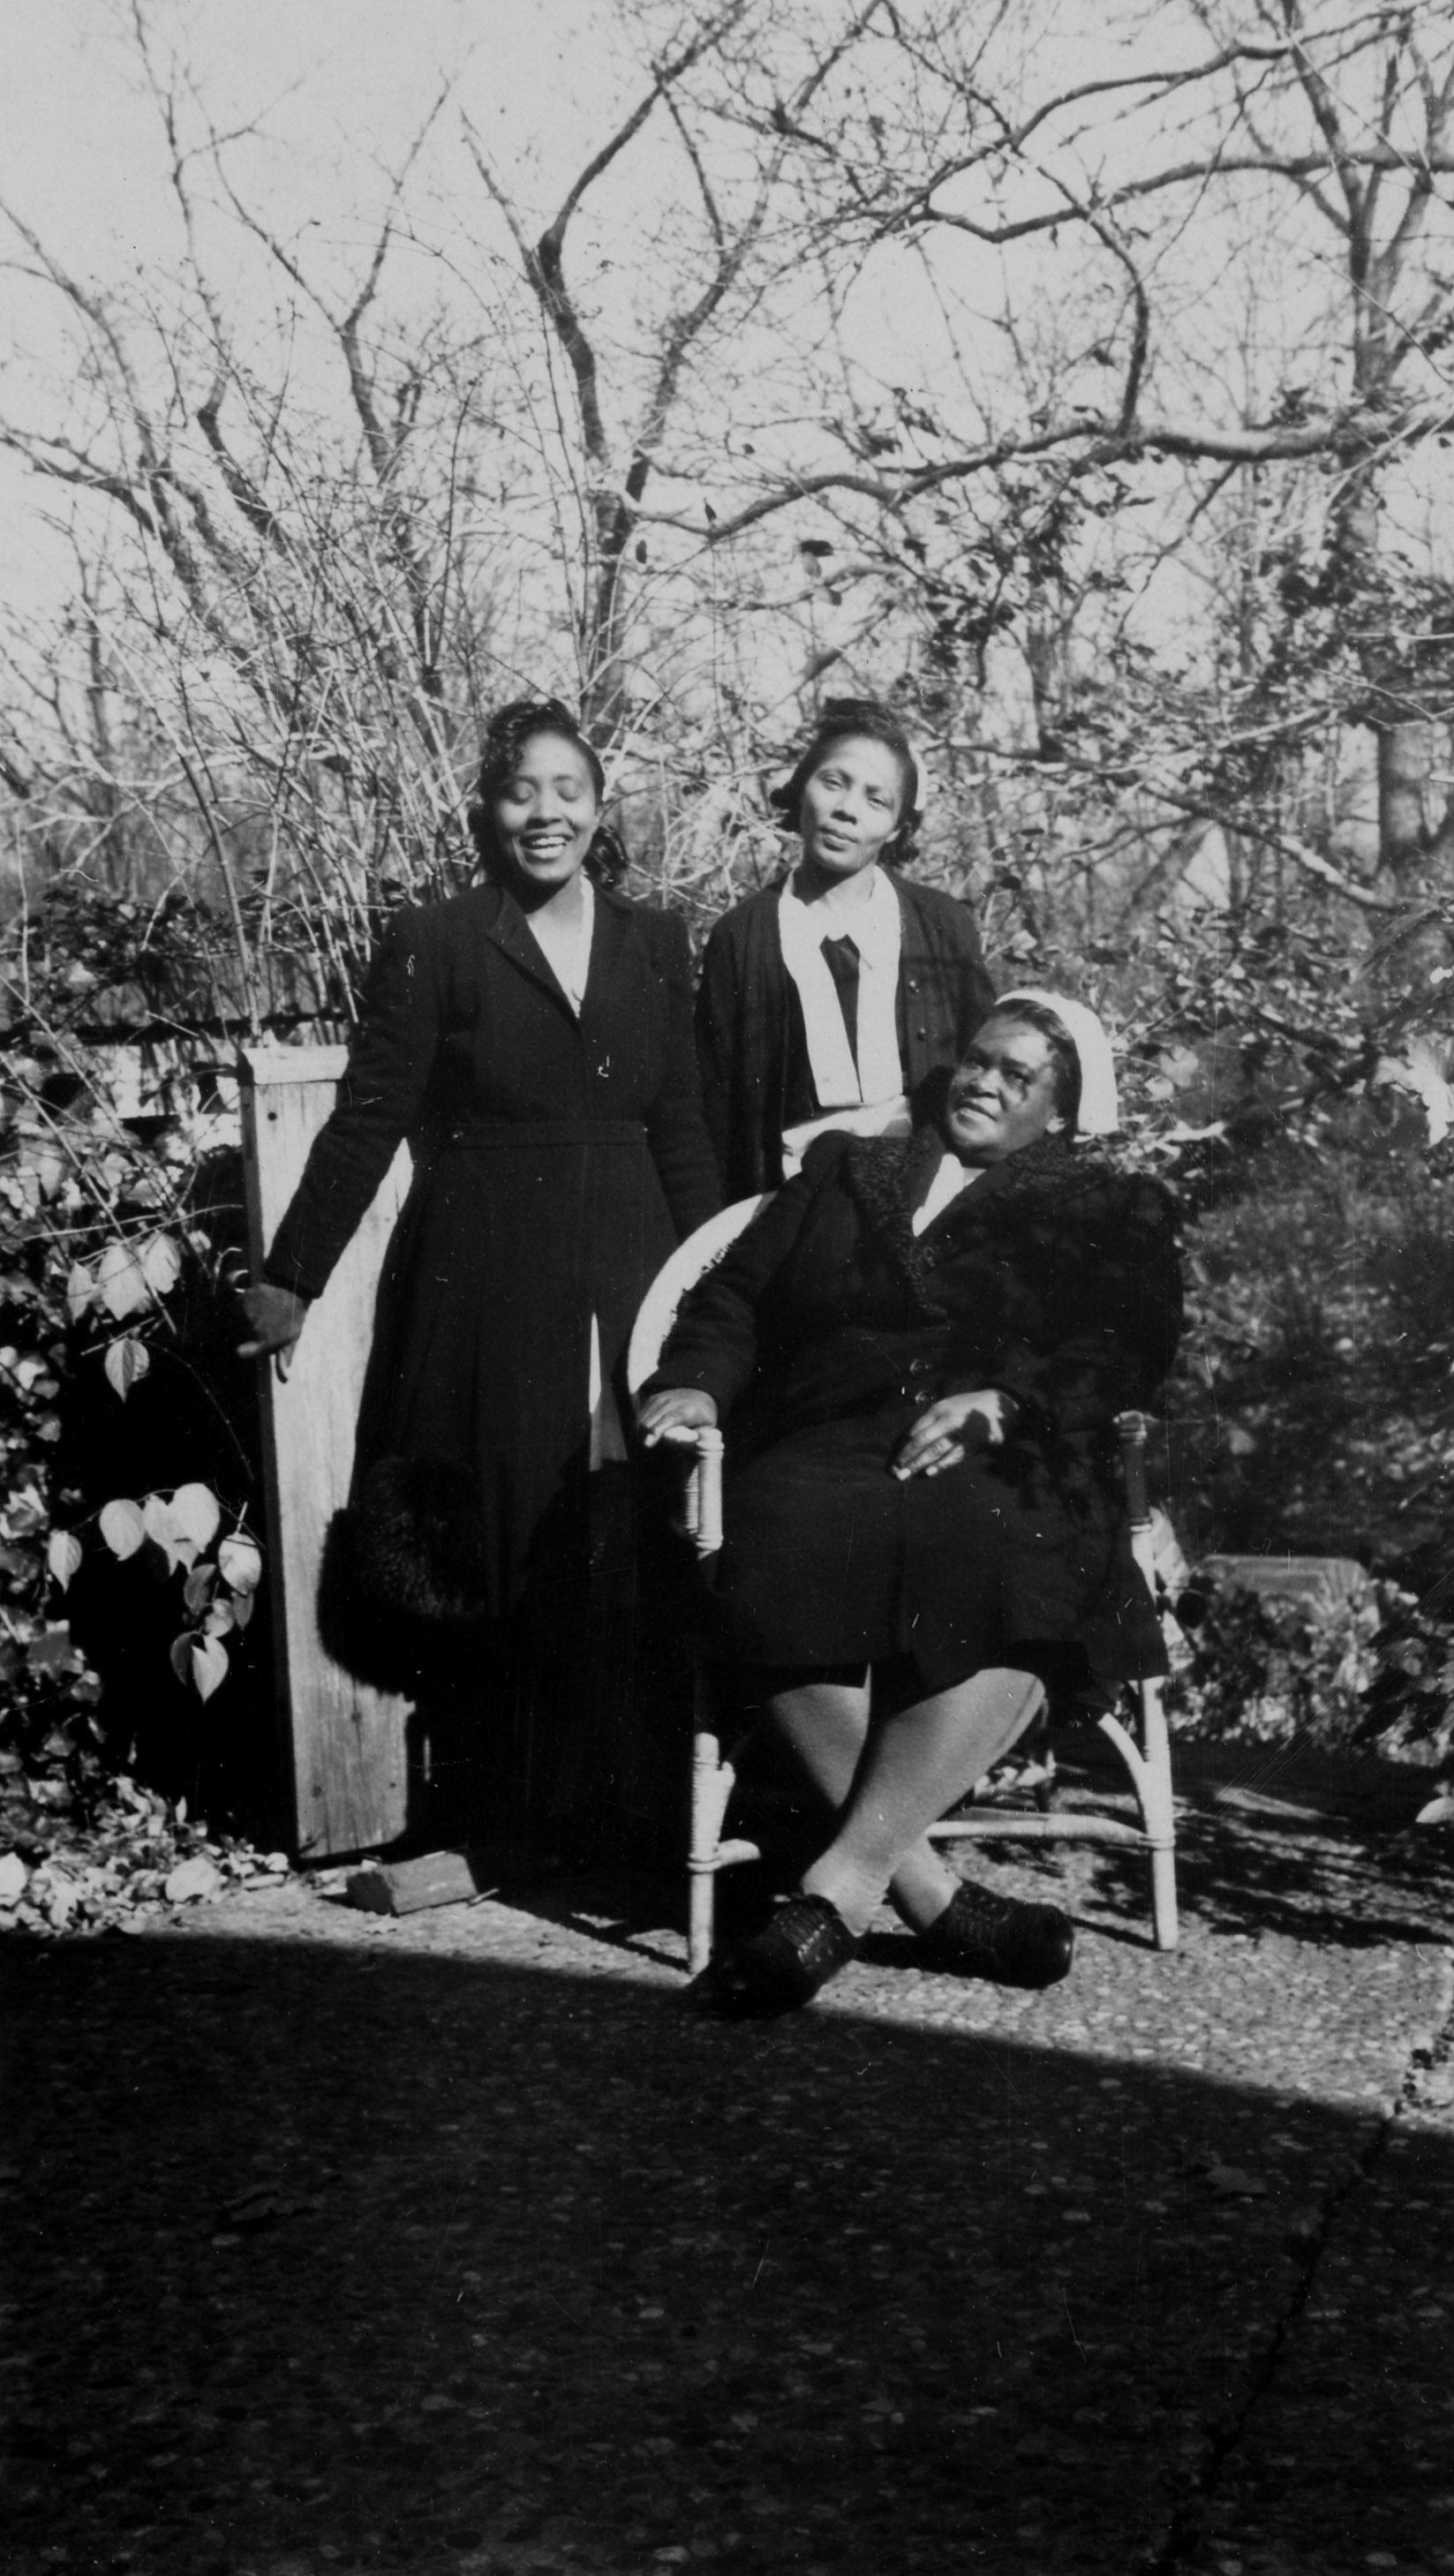 Rosa, Josephine, and Trollie, November 1944. AR.PH.Misc.270.